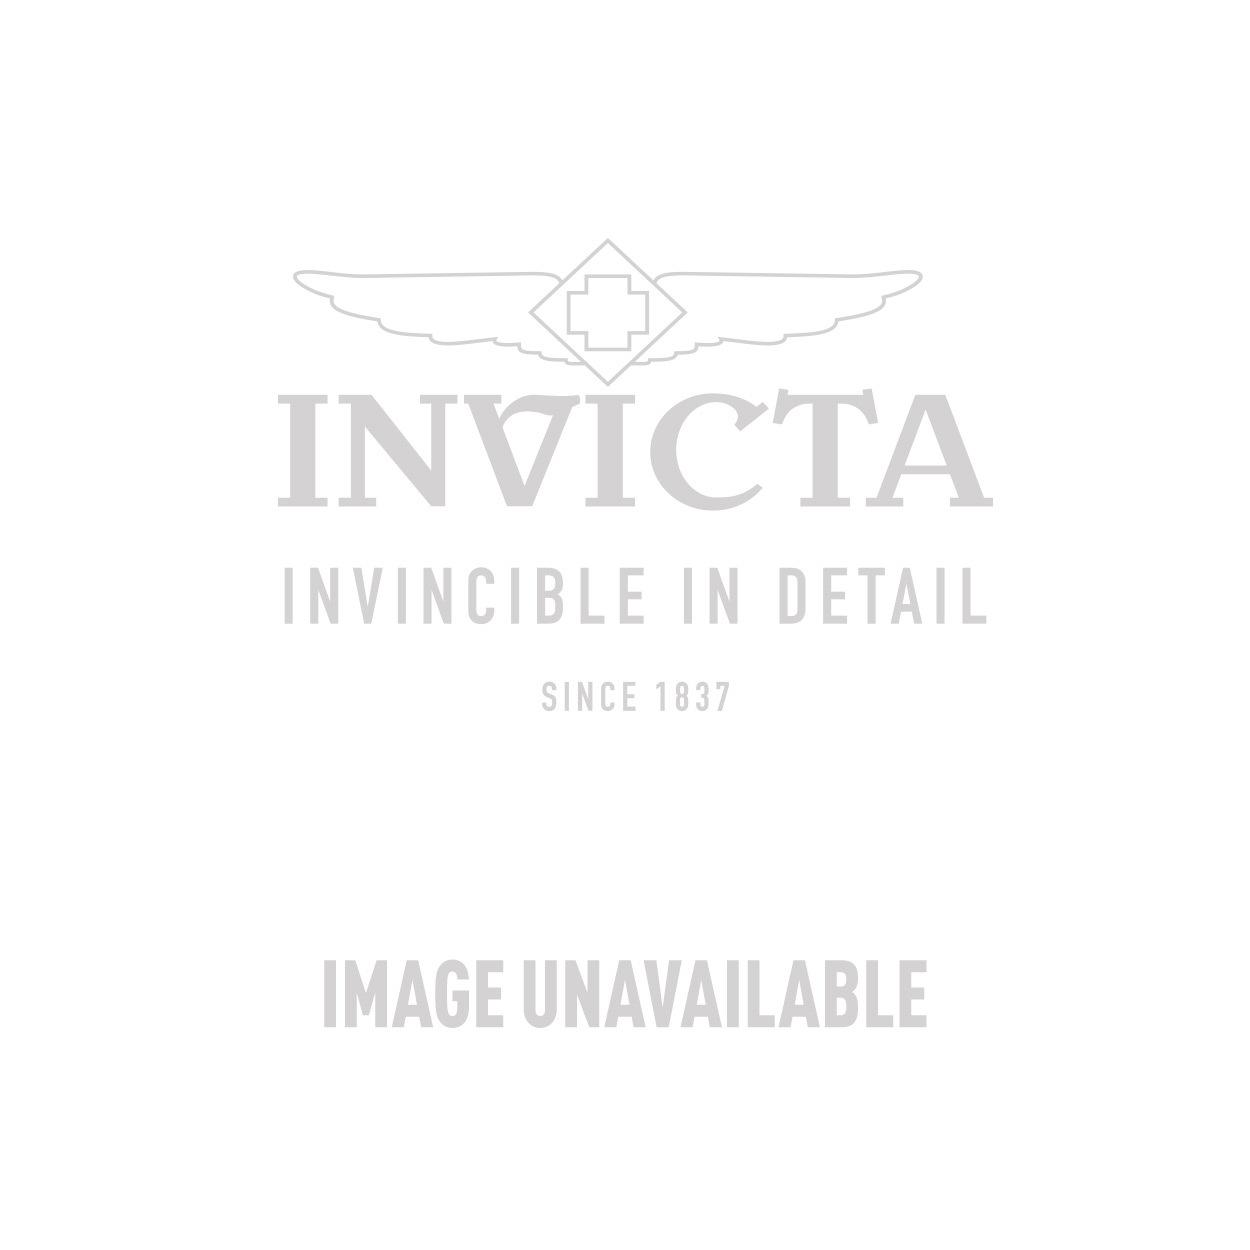 Invicta Model 27191